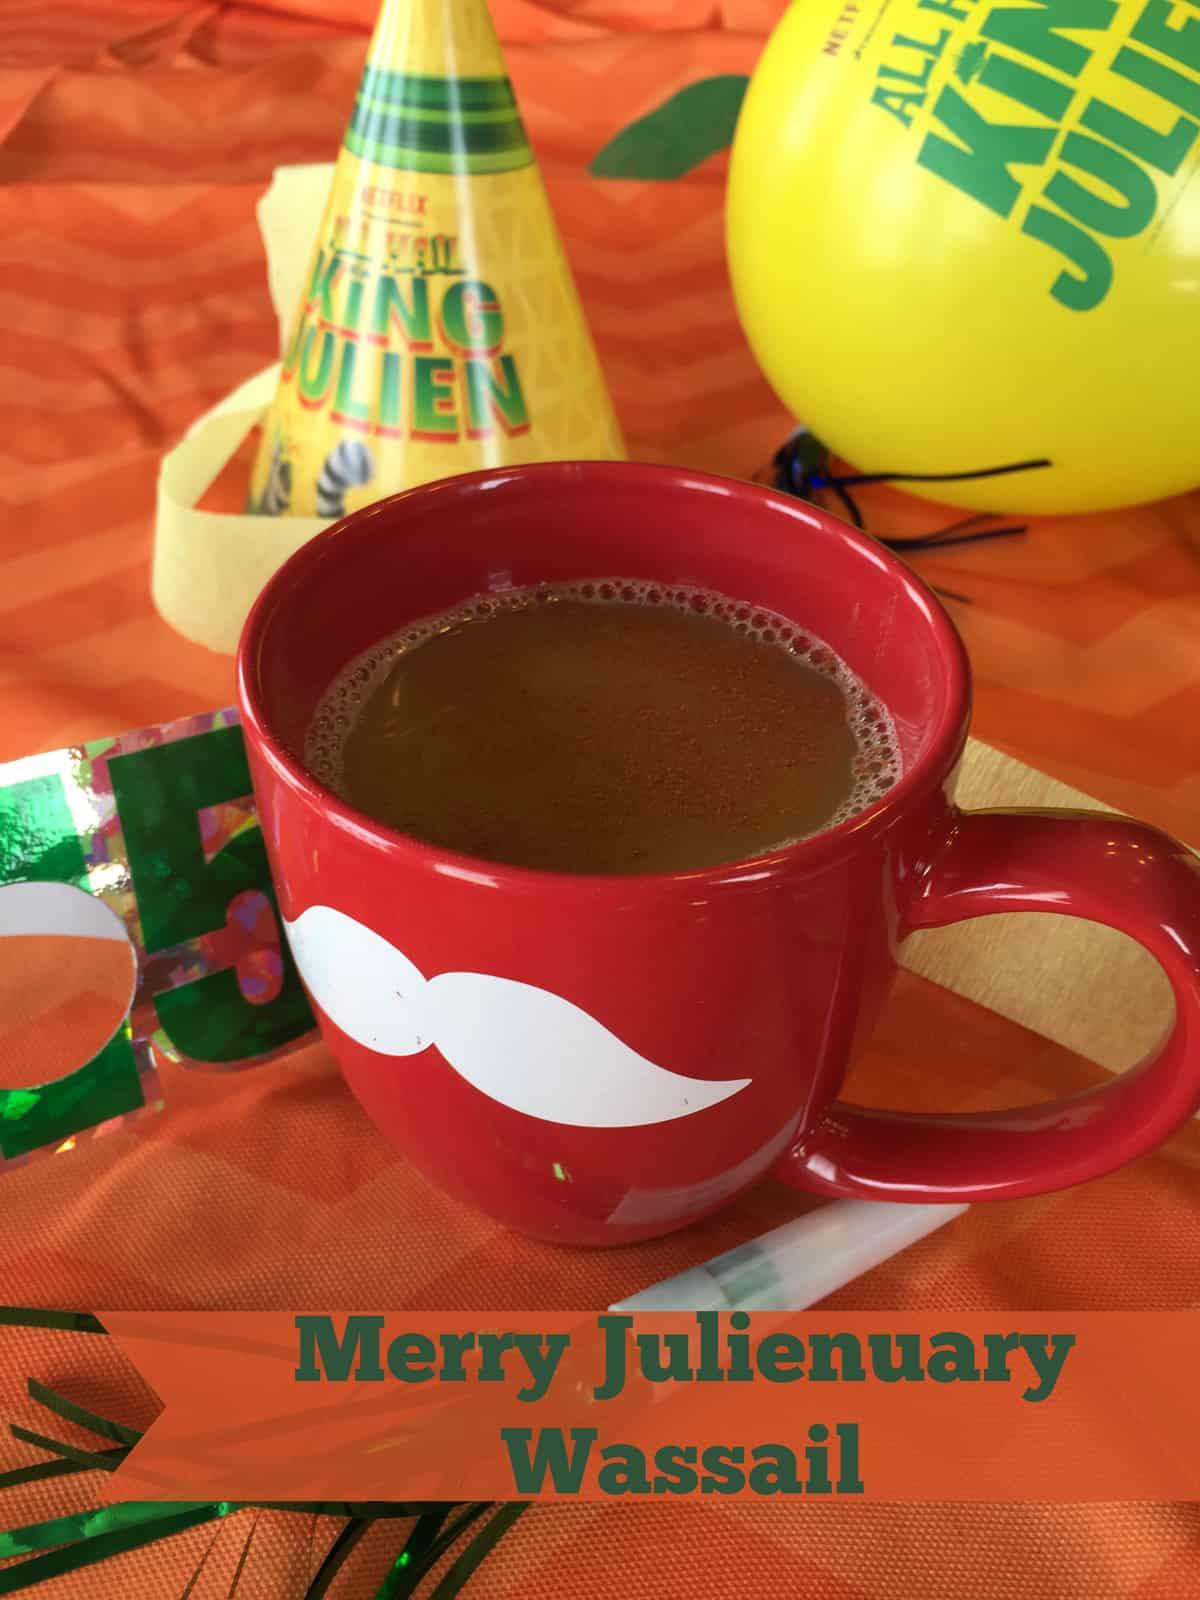 MerryJulienuaryWassail